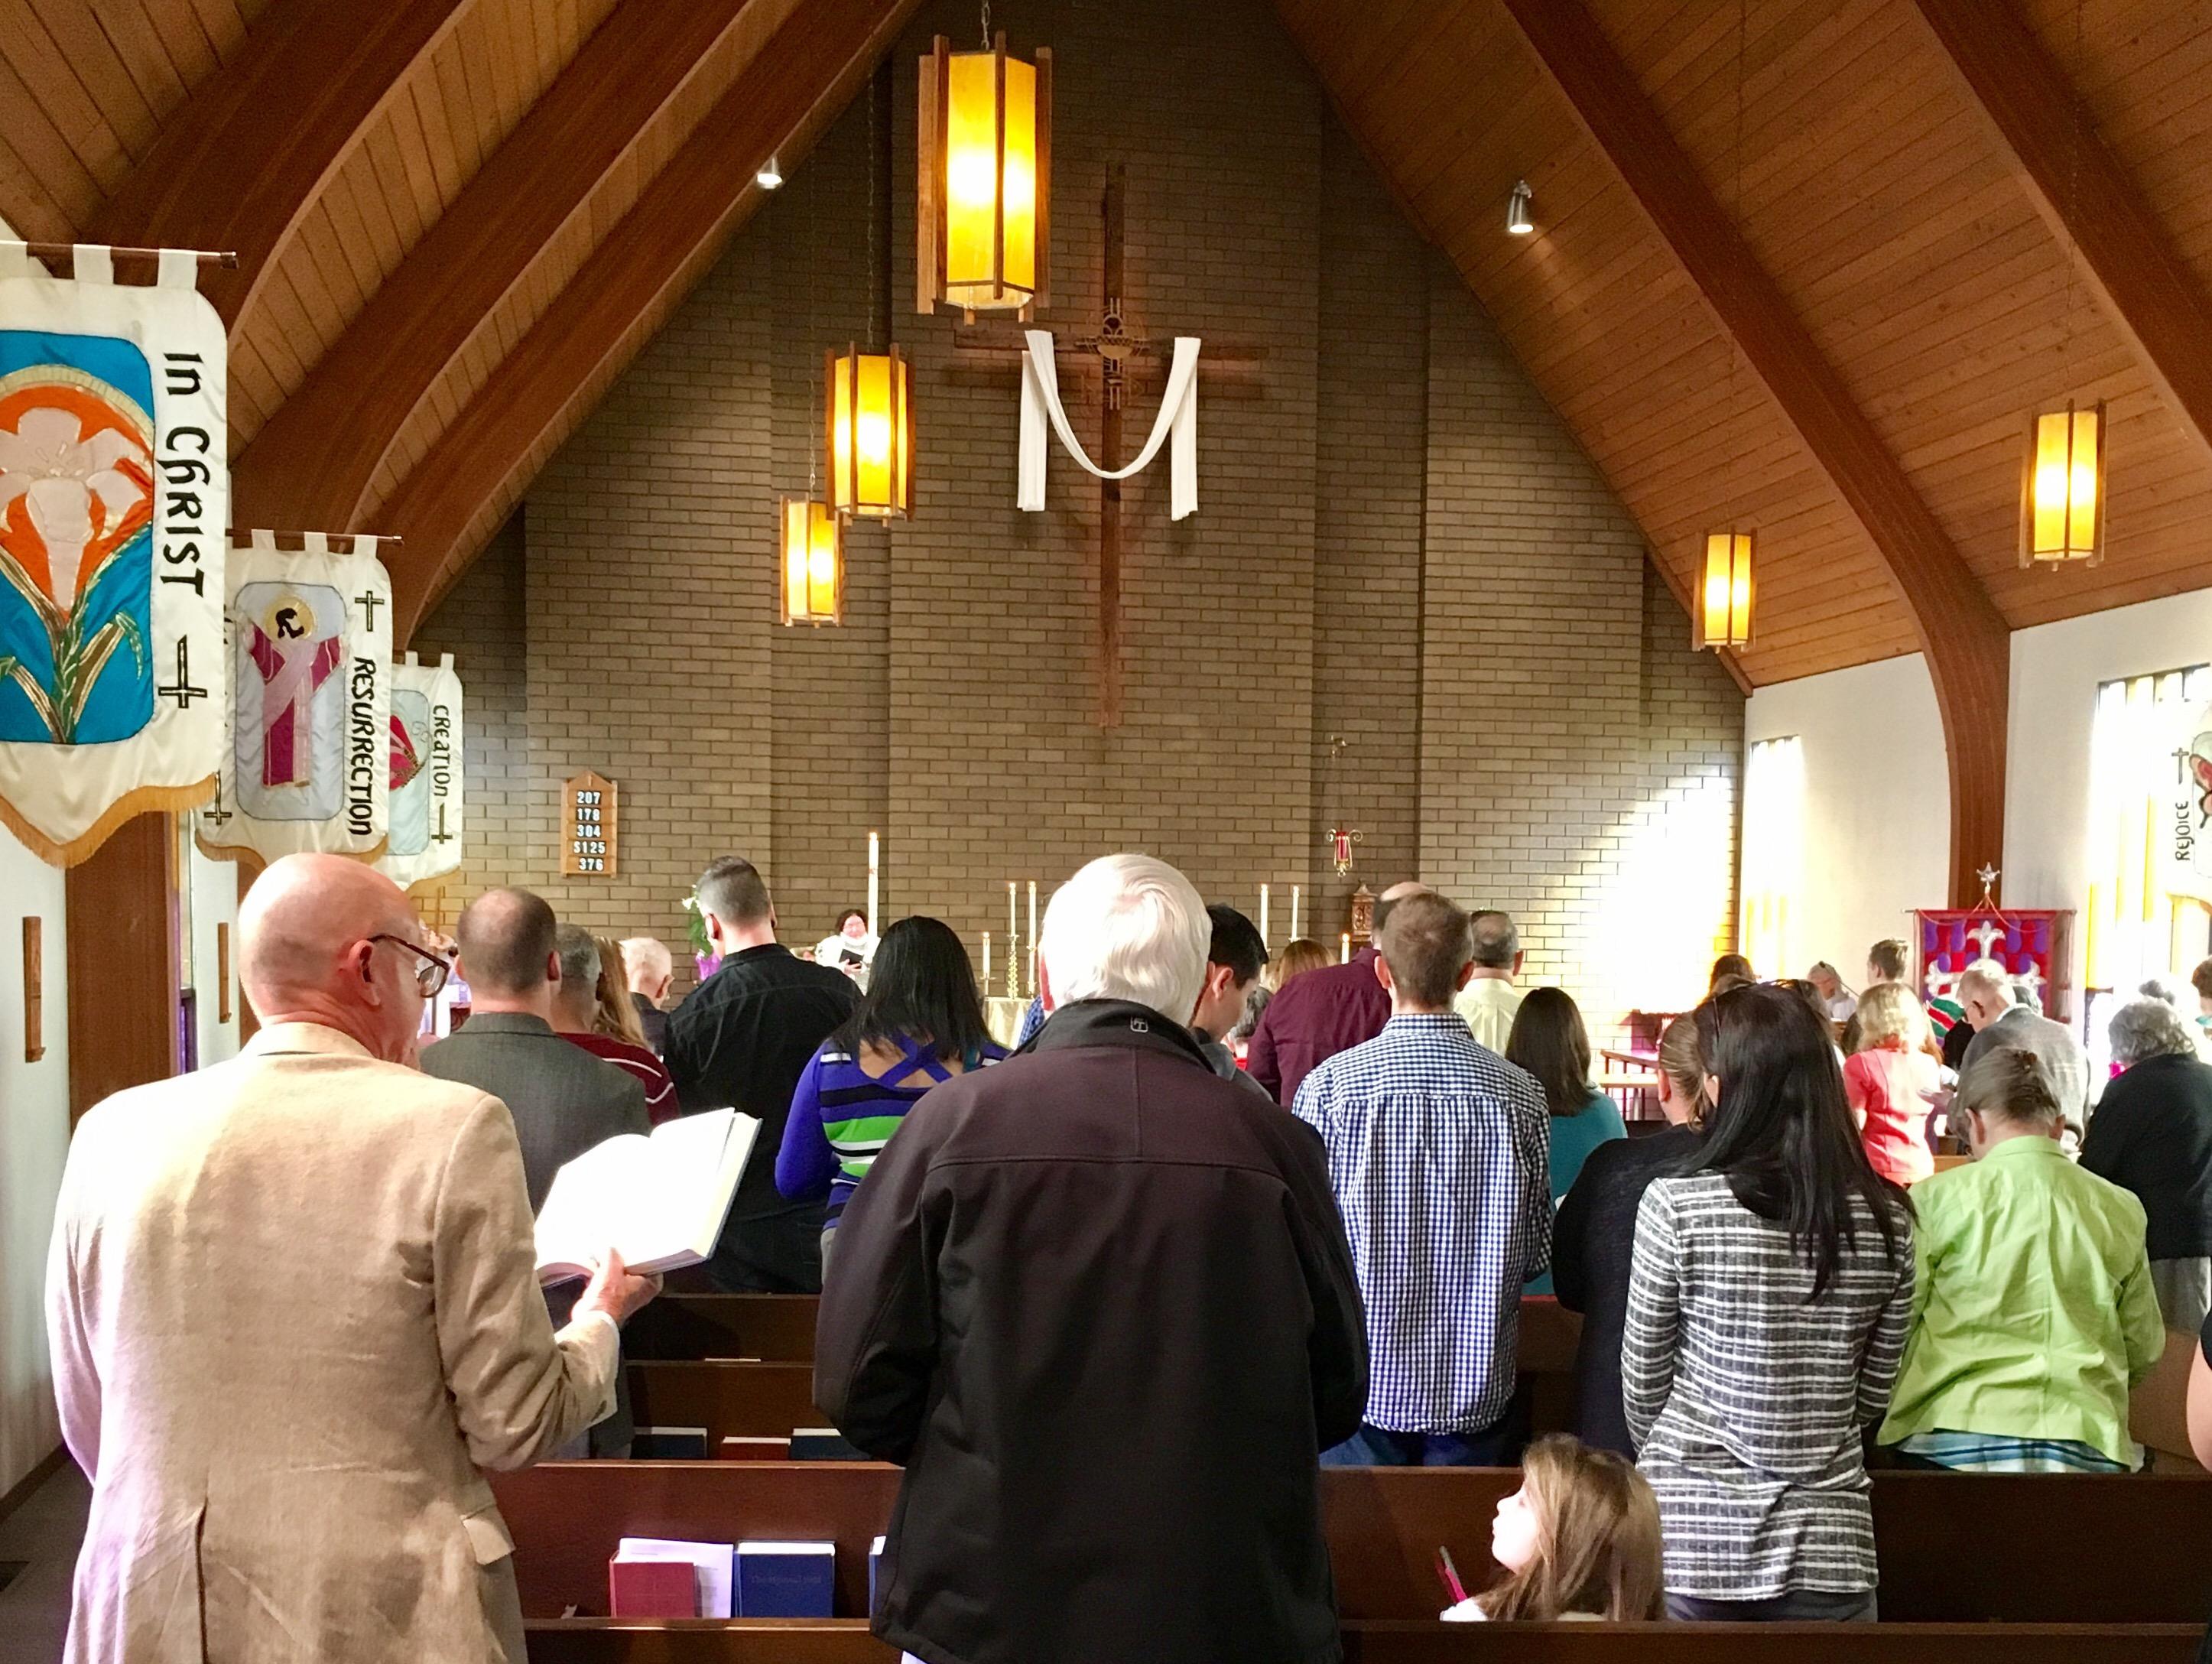 The Episcopal Church in Marysville, Wash.